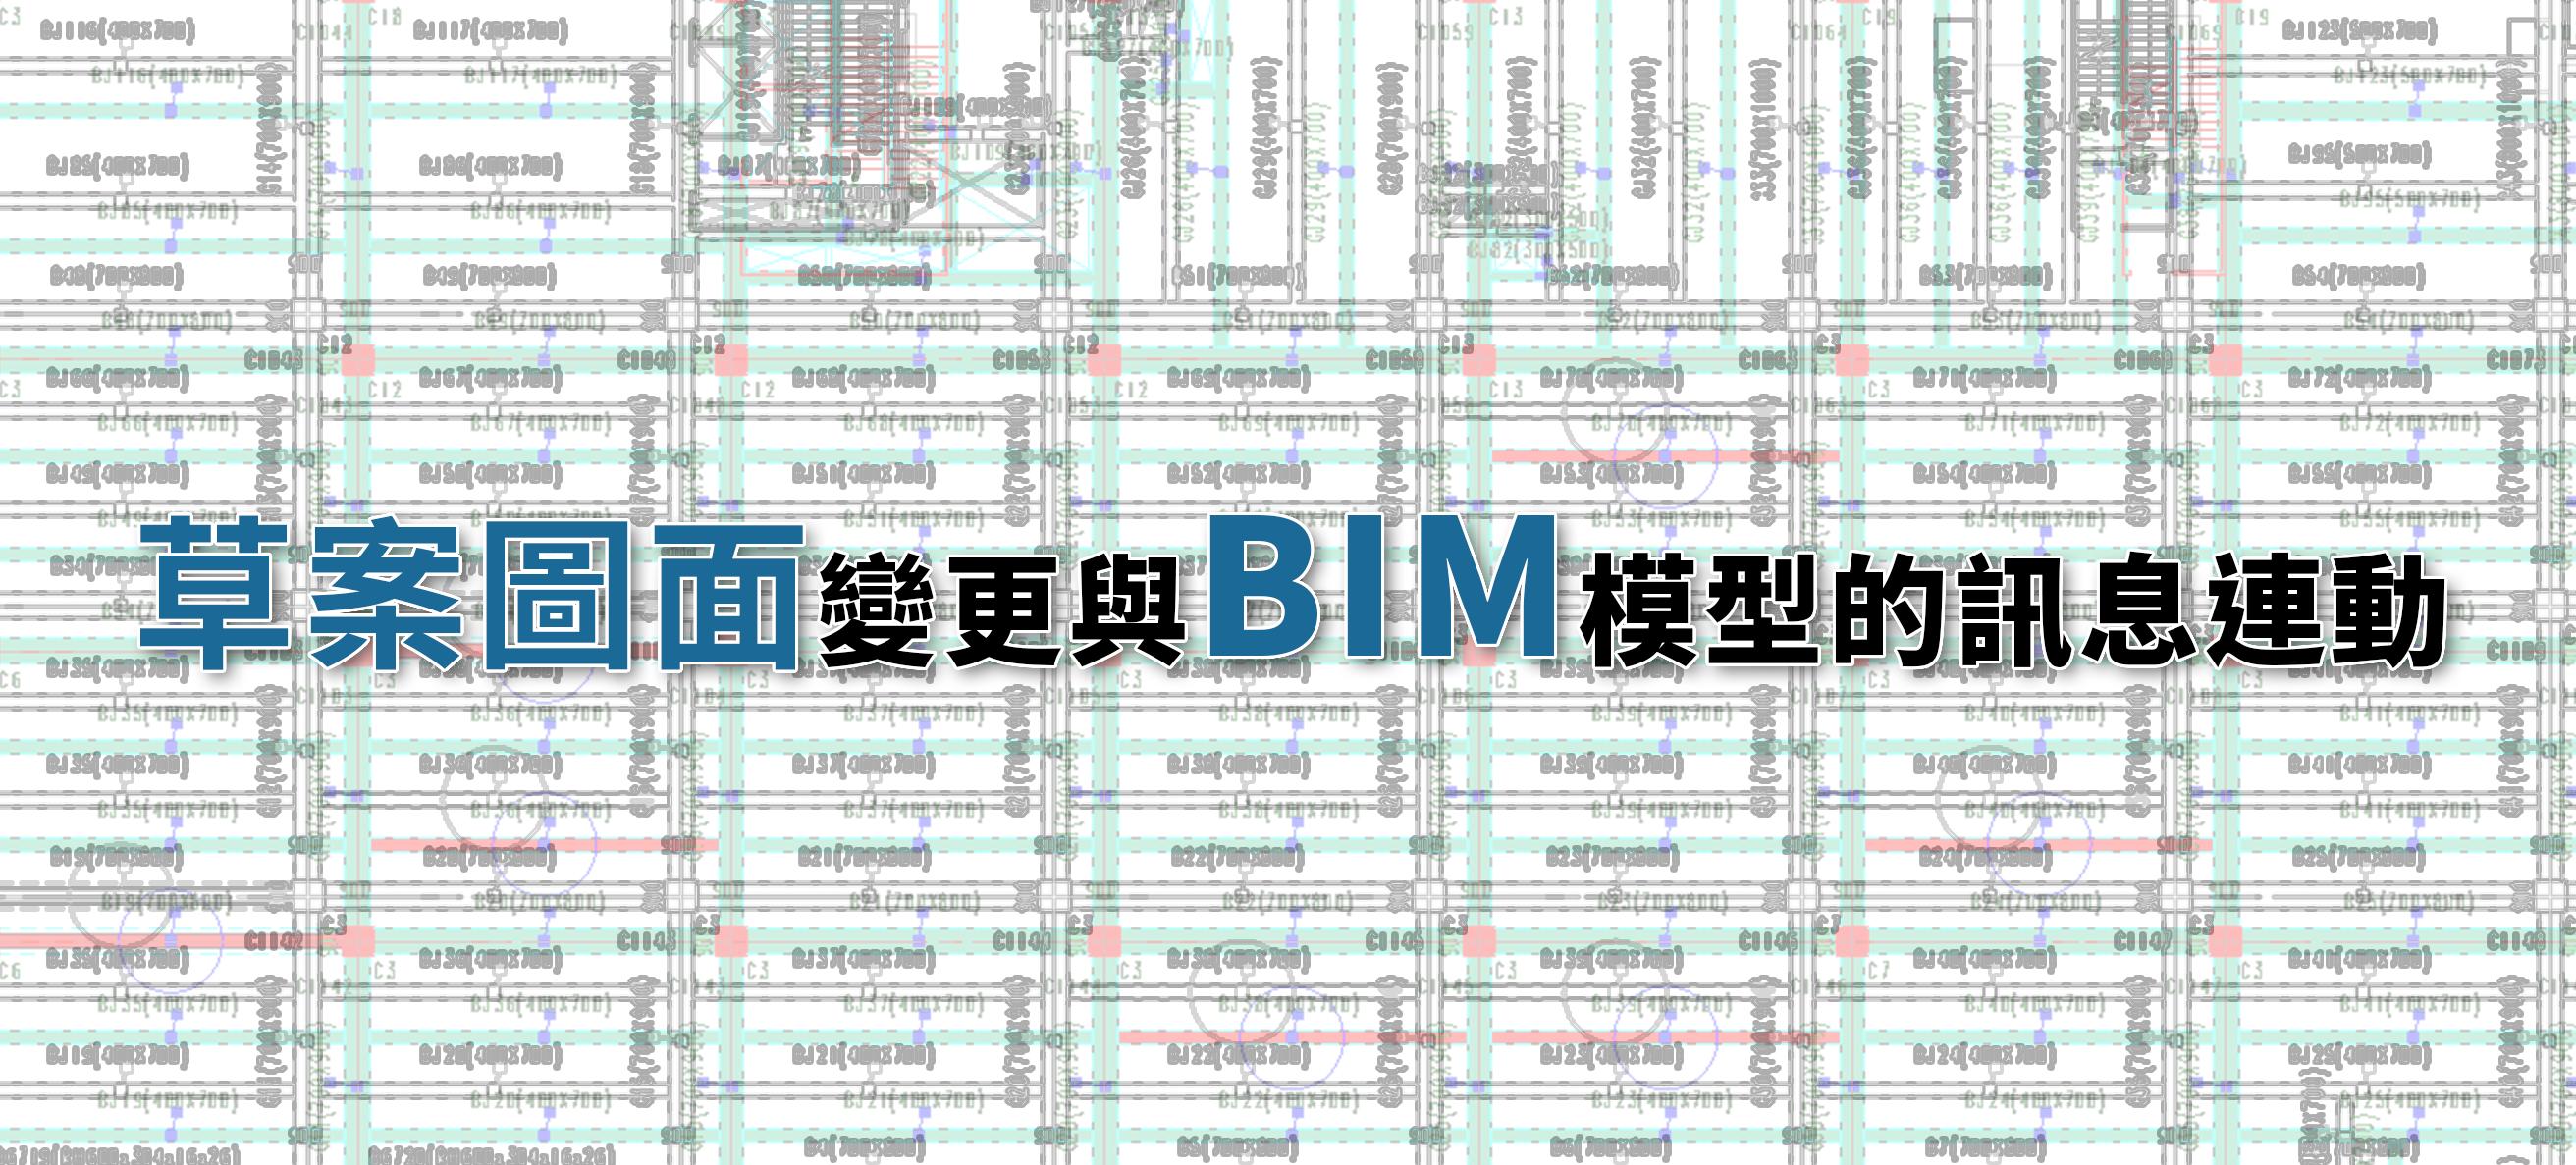 【原創文章】草案圖面變更與BIM模型的訊息連動-以整合結構圖面之工作流程自動化為例